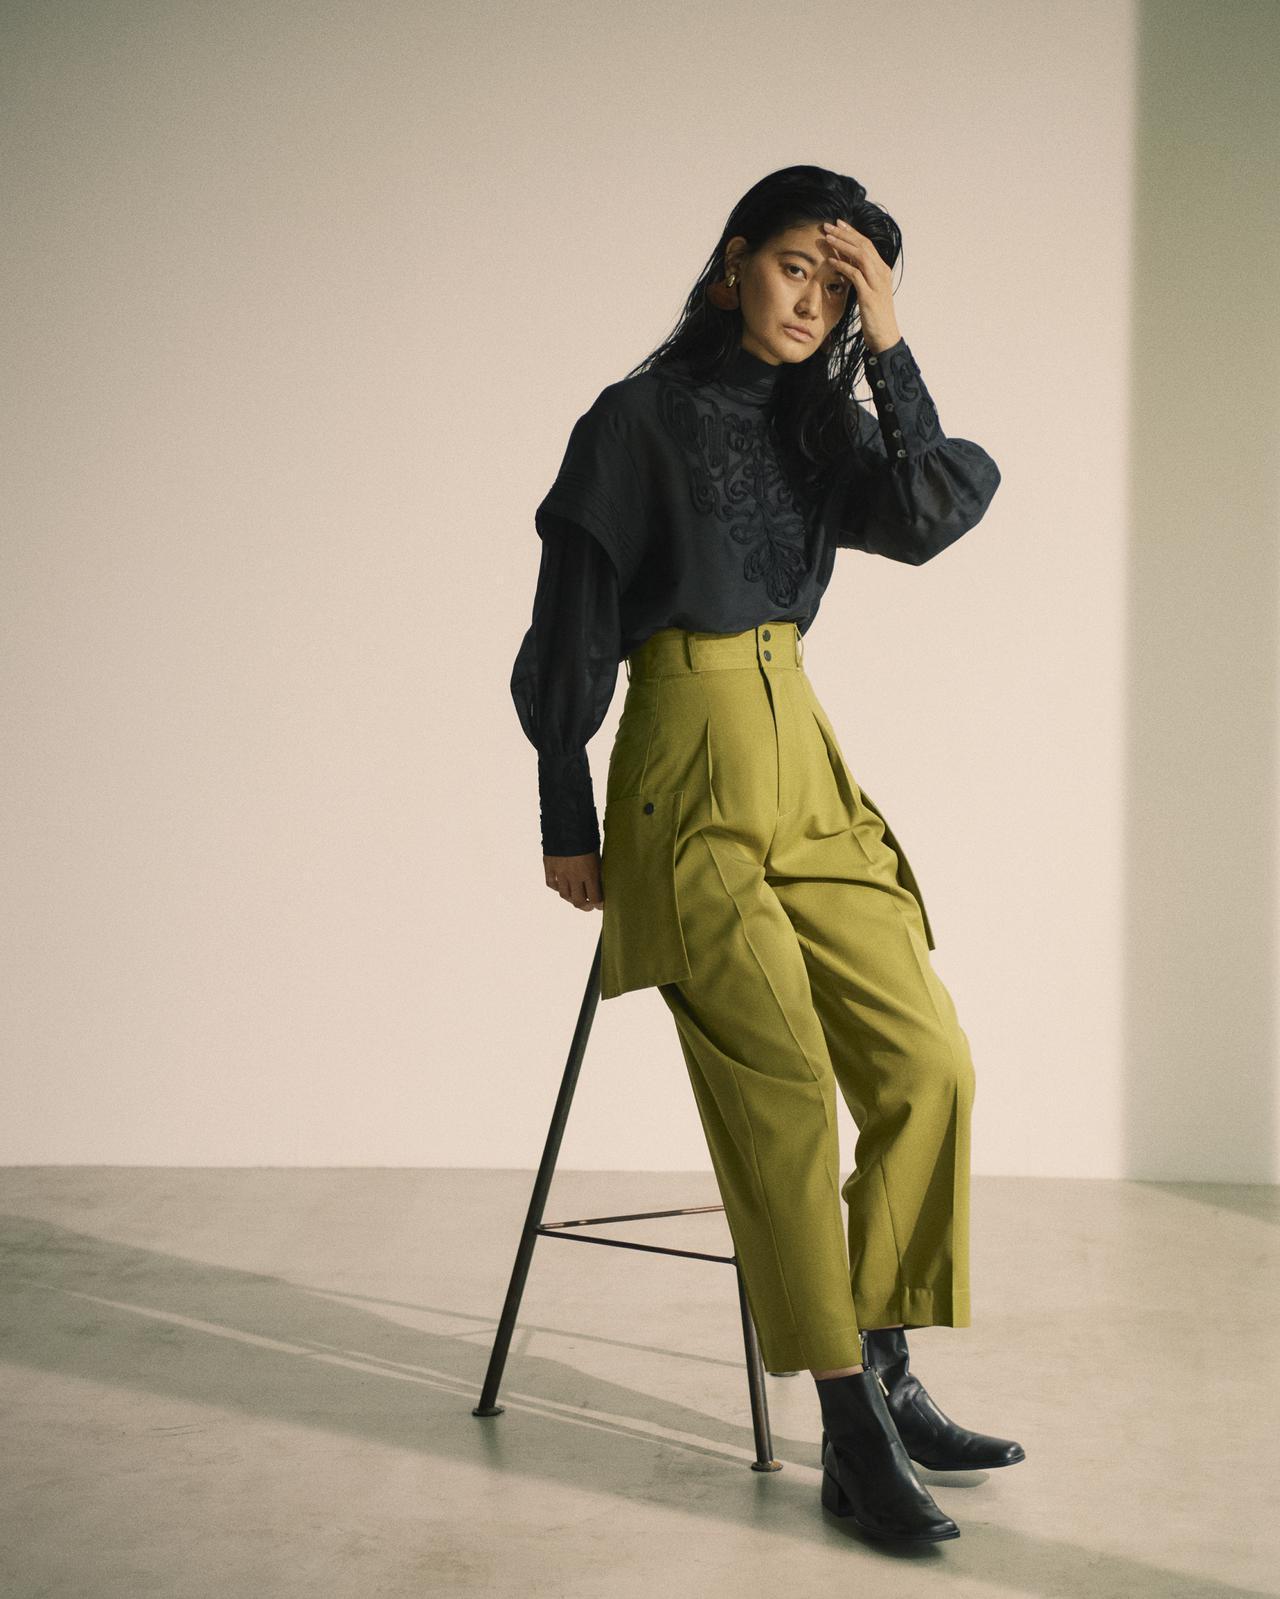 画像: ブラウス¥17,600(税込)、パンツ¥15,400(税込) 出典:fashion trend news